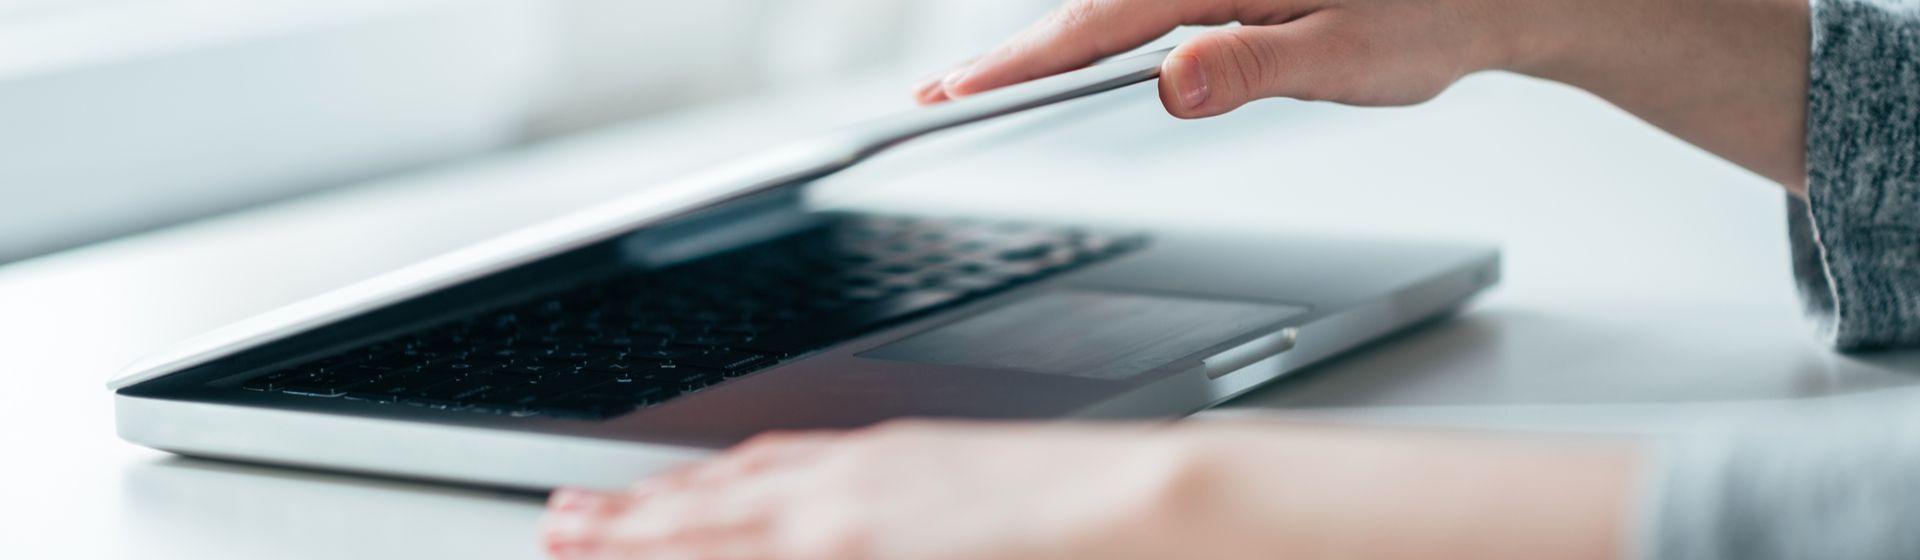 Qual a melhor marca de notebook? Conheça modelos de seis fabricantes